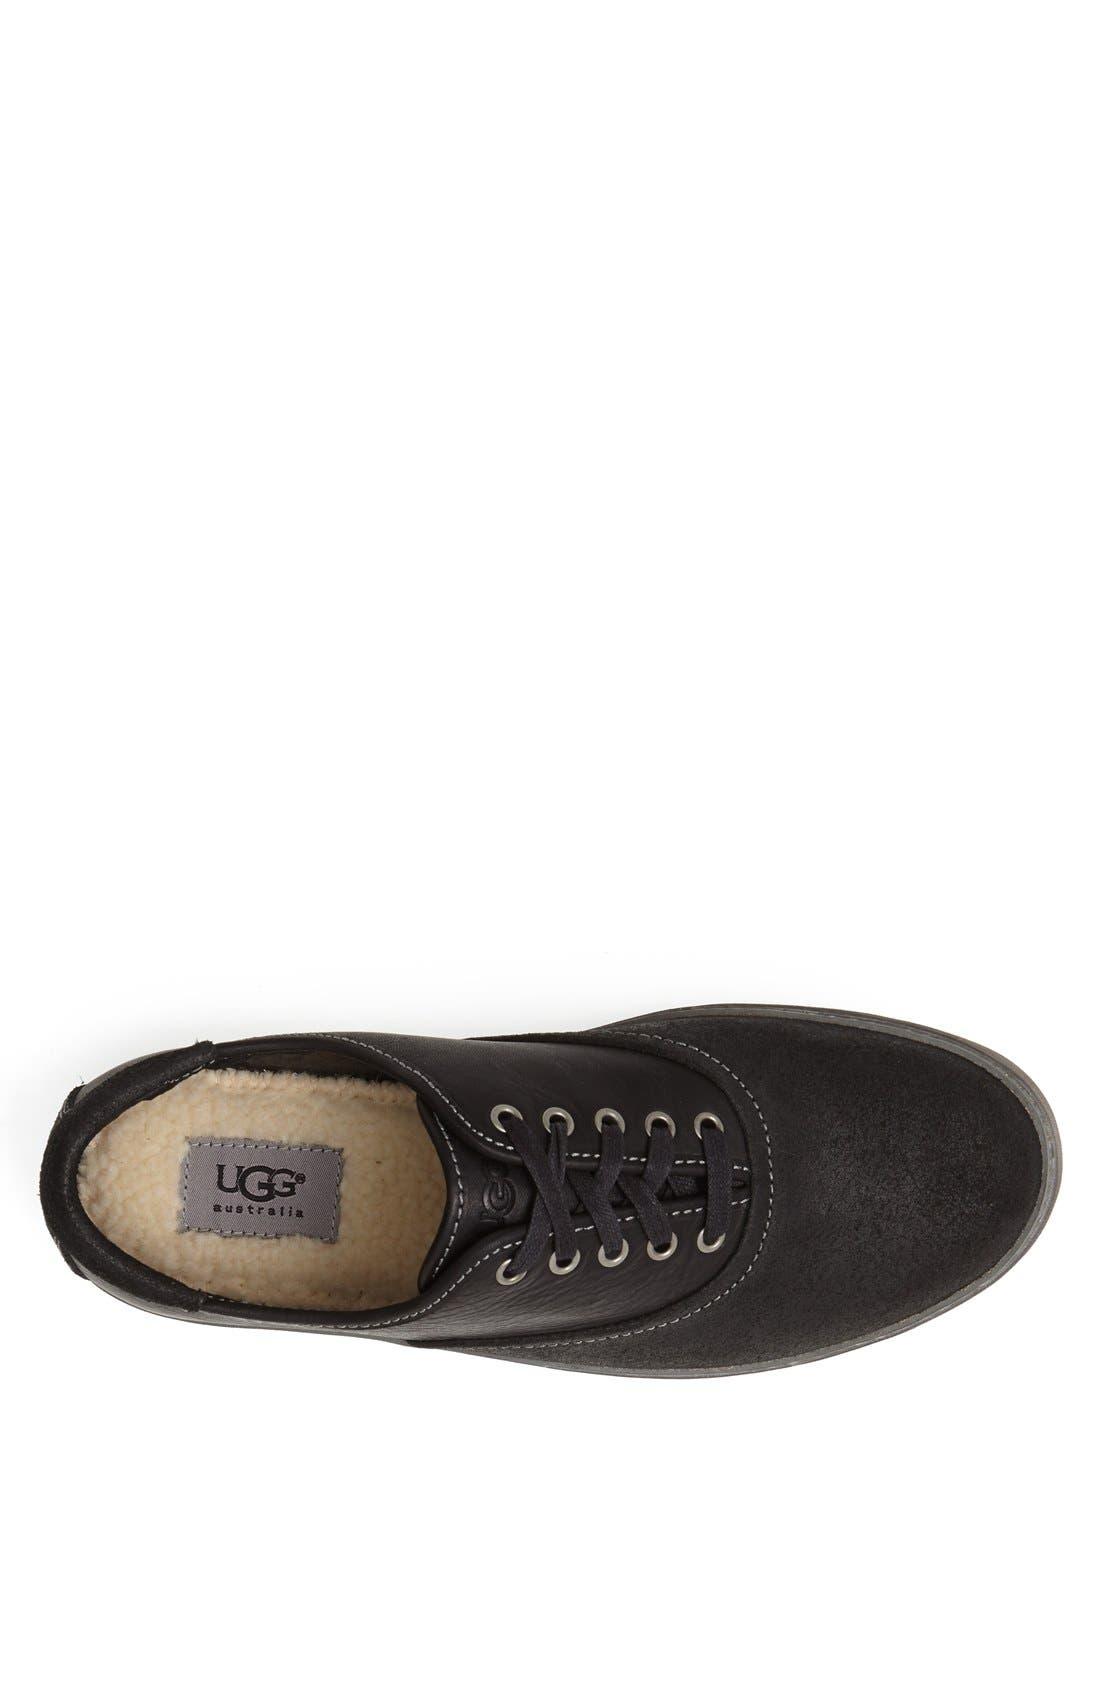 Alternate Image 3  - UGG® Australia 'Garrick' Oxford Sneaker